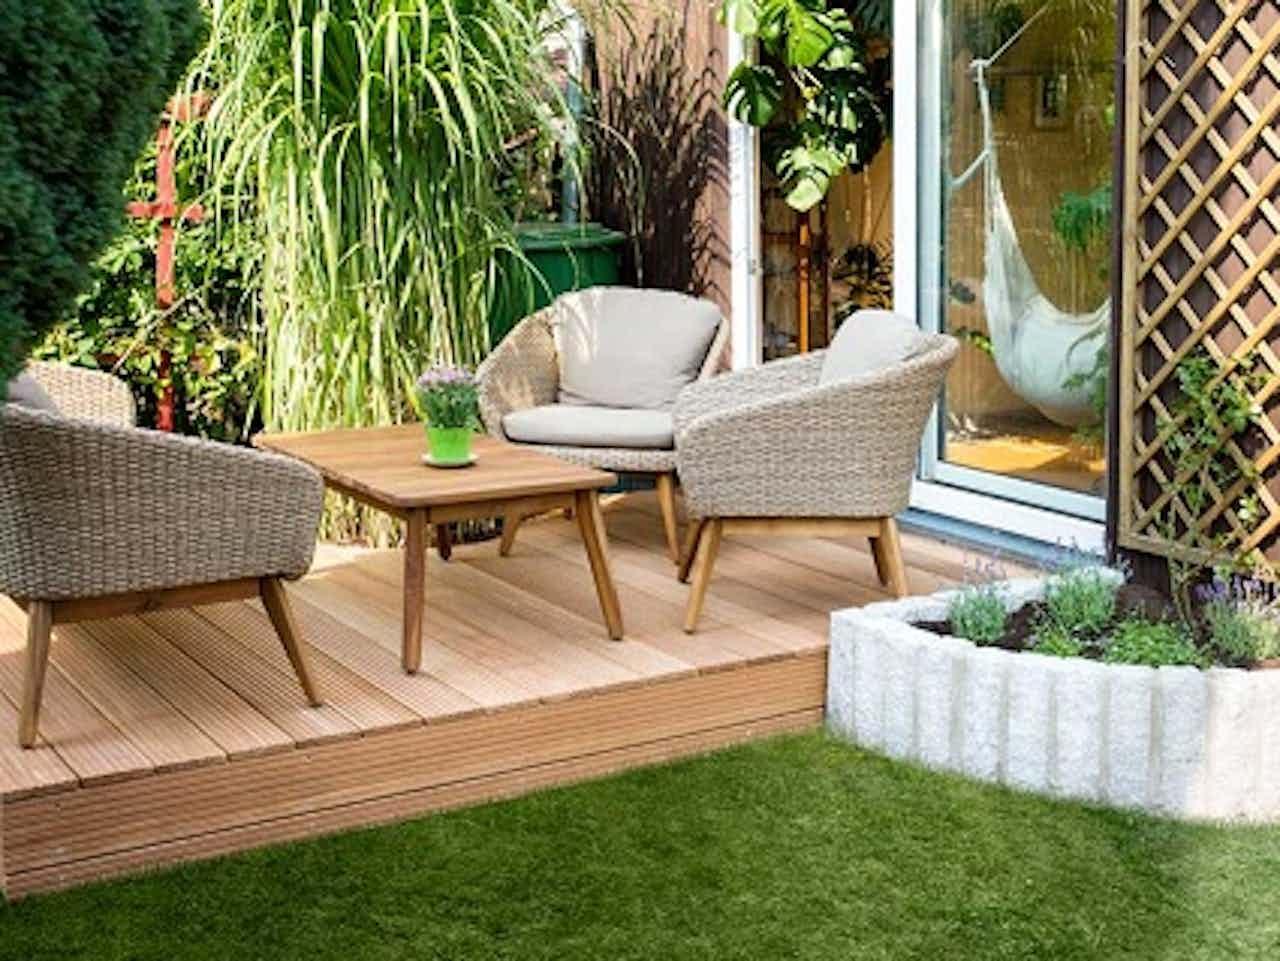 Nachher: So sieht der Garten am Ende mit der neuen Terrasse aus